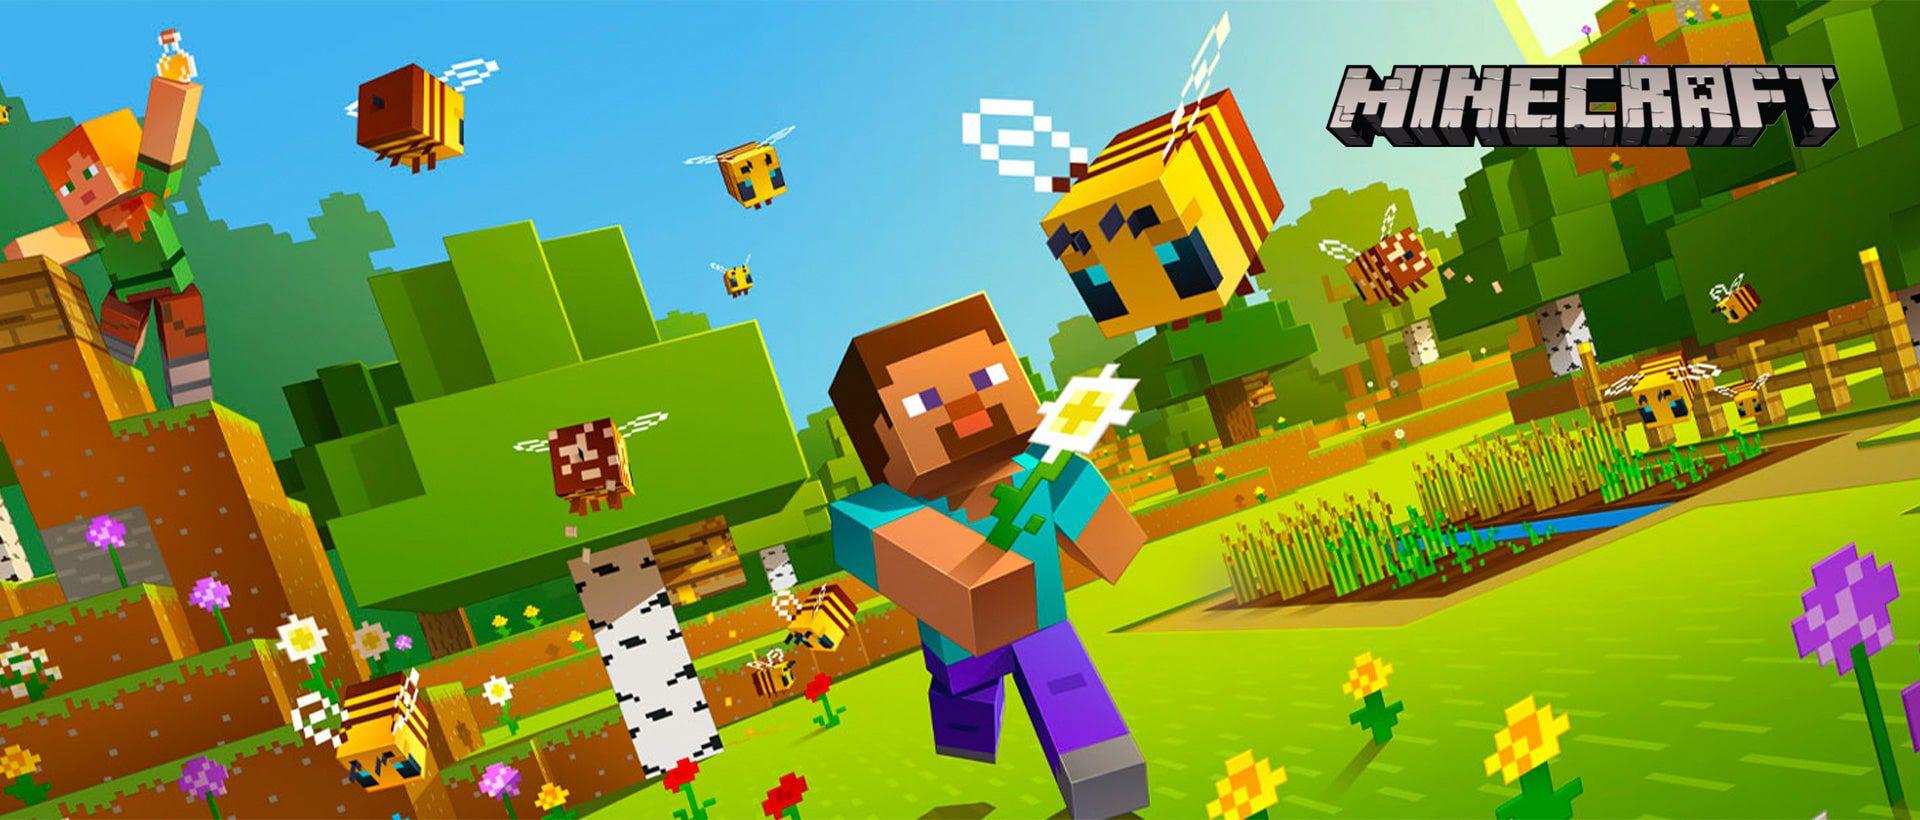 เกม Minecraft ฟรี